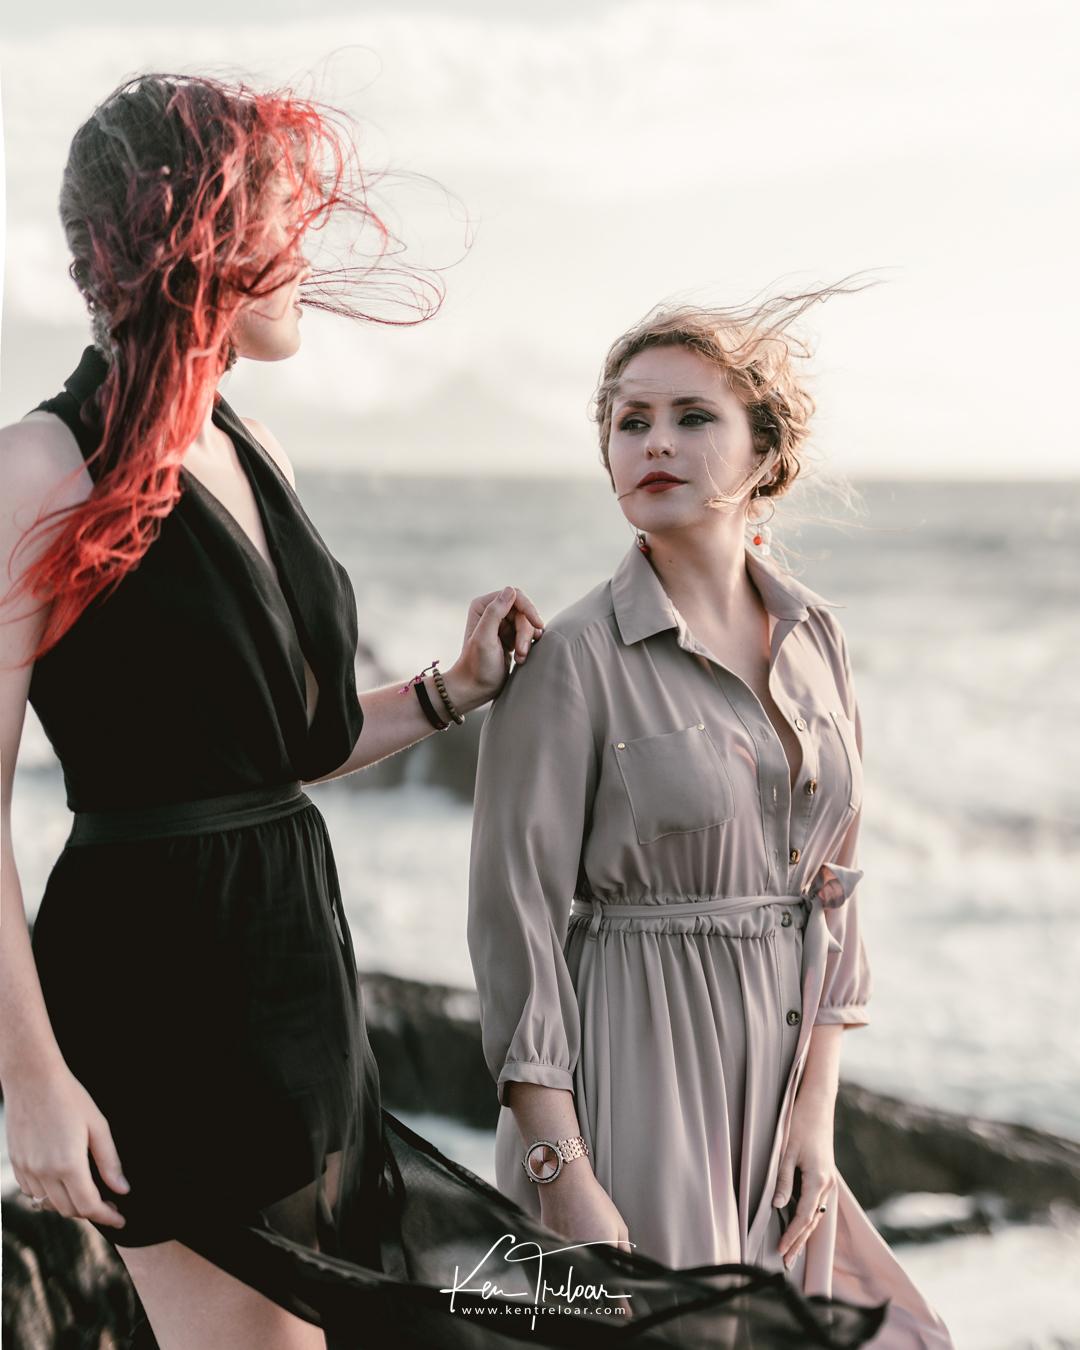 Ken Treloar Photography - Styles Best Friends photoshoot Cape Town-23.jpg